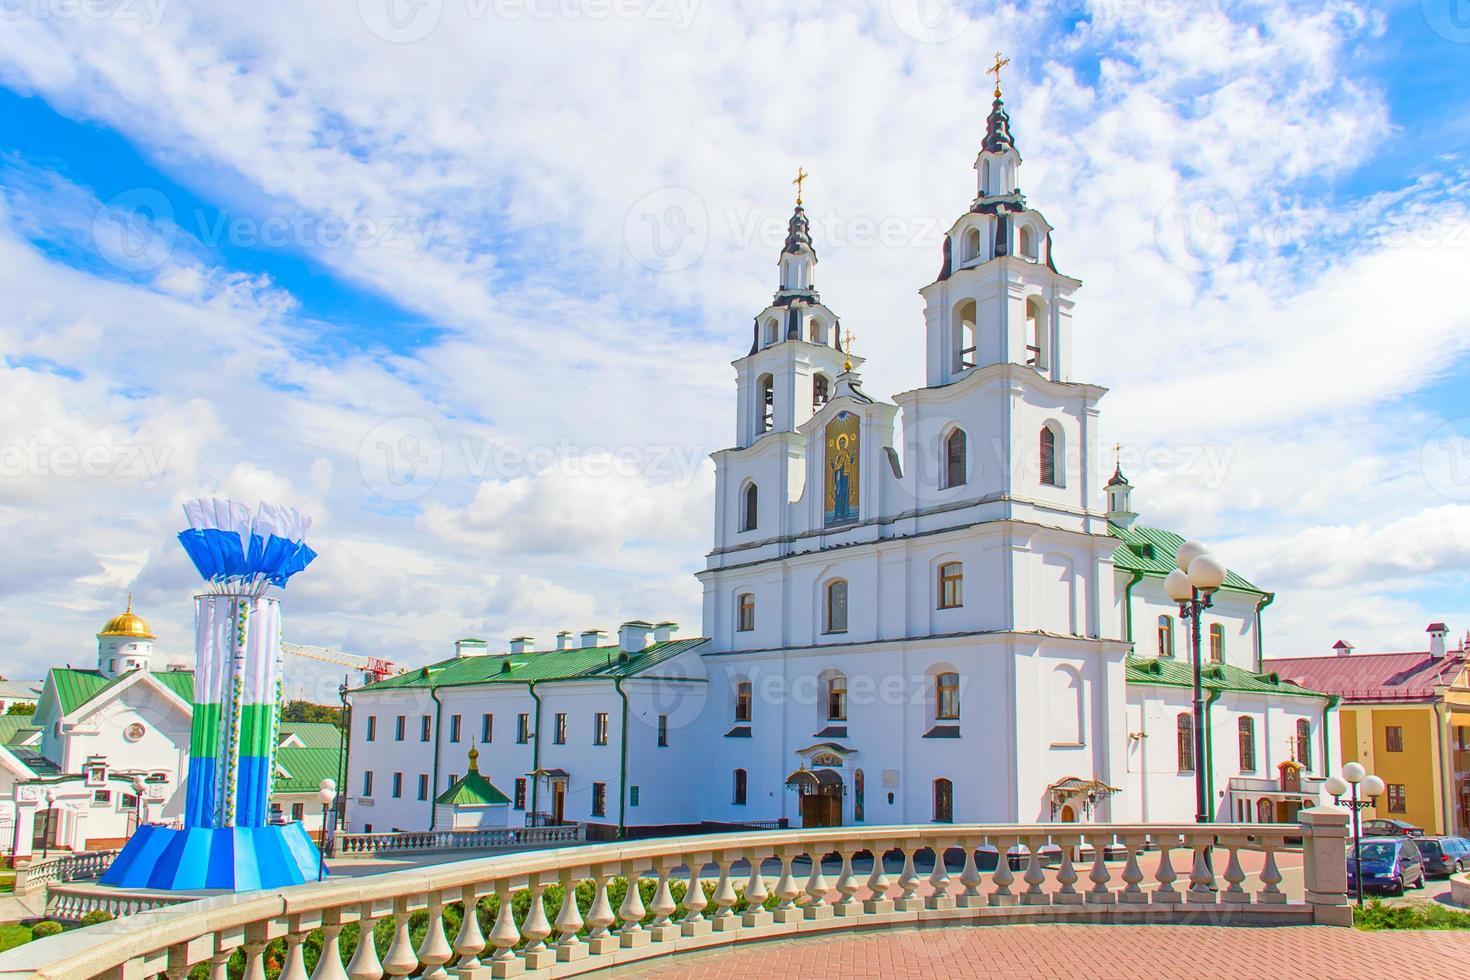 kathedraal van de heilige geest in Minsk, Wit-Rusland. foto